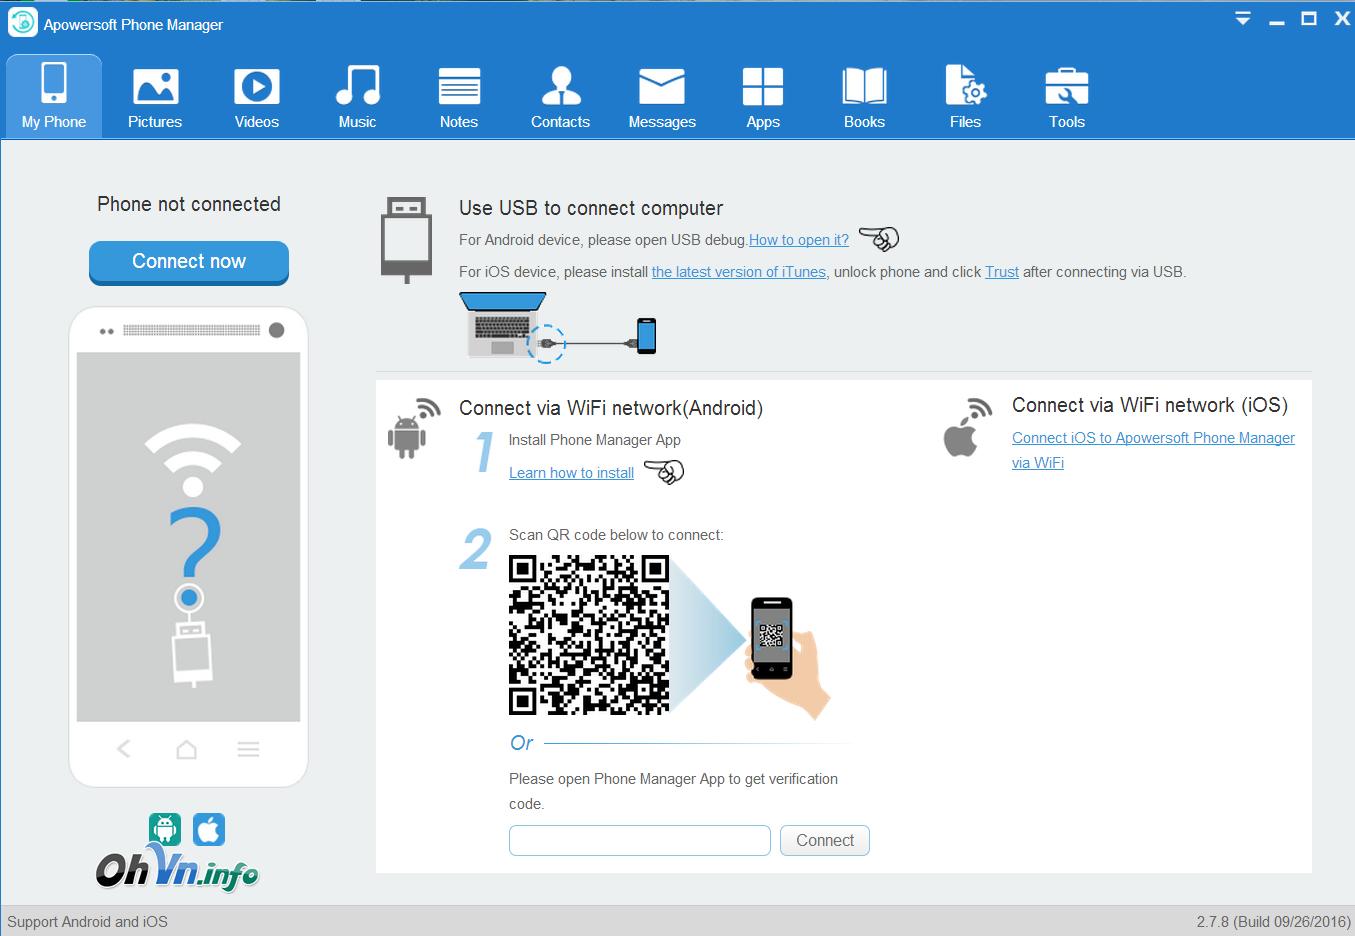 Apowersoft Phone Manager PRO 2.7.8 Full - Quản lý điện thoại thông minh